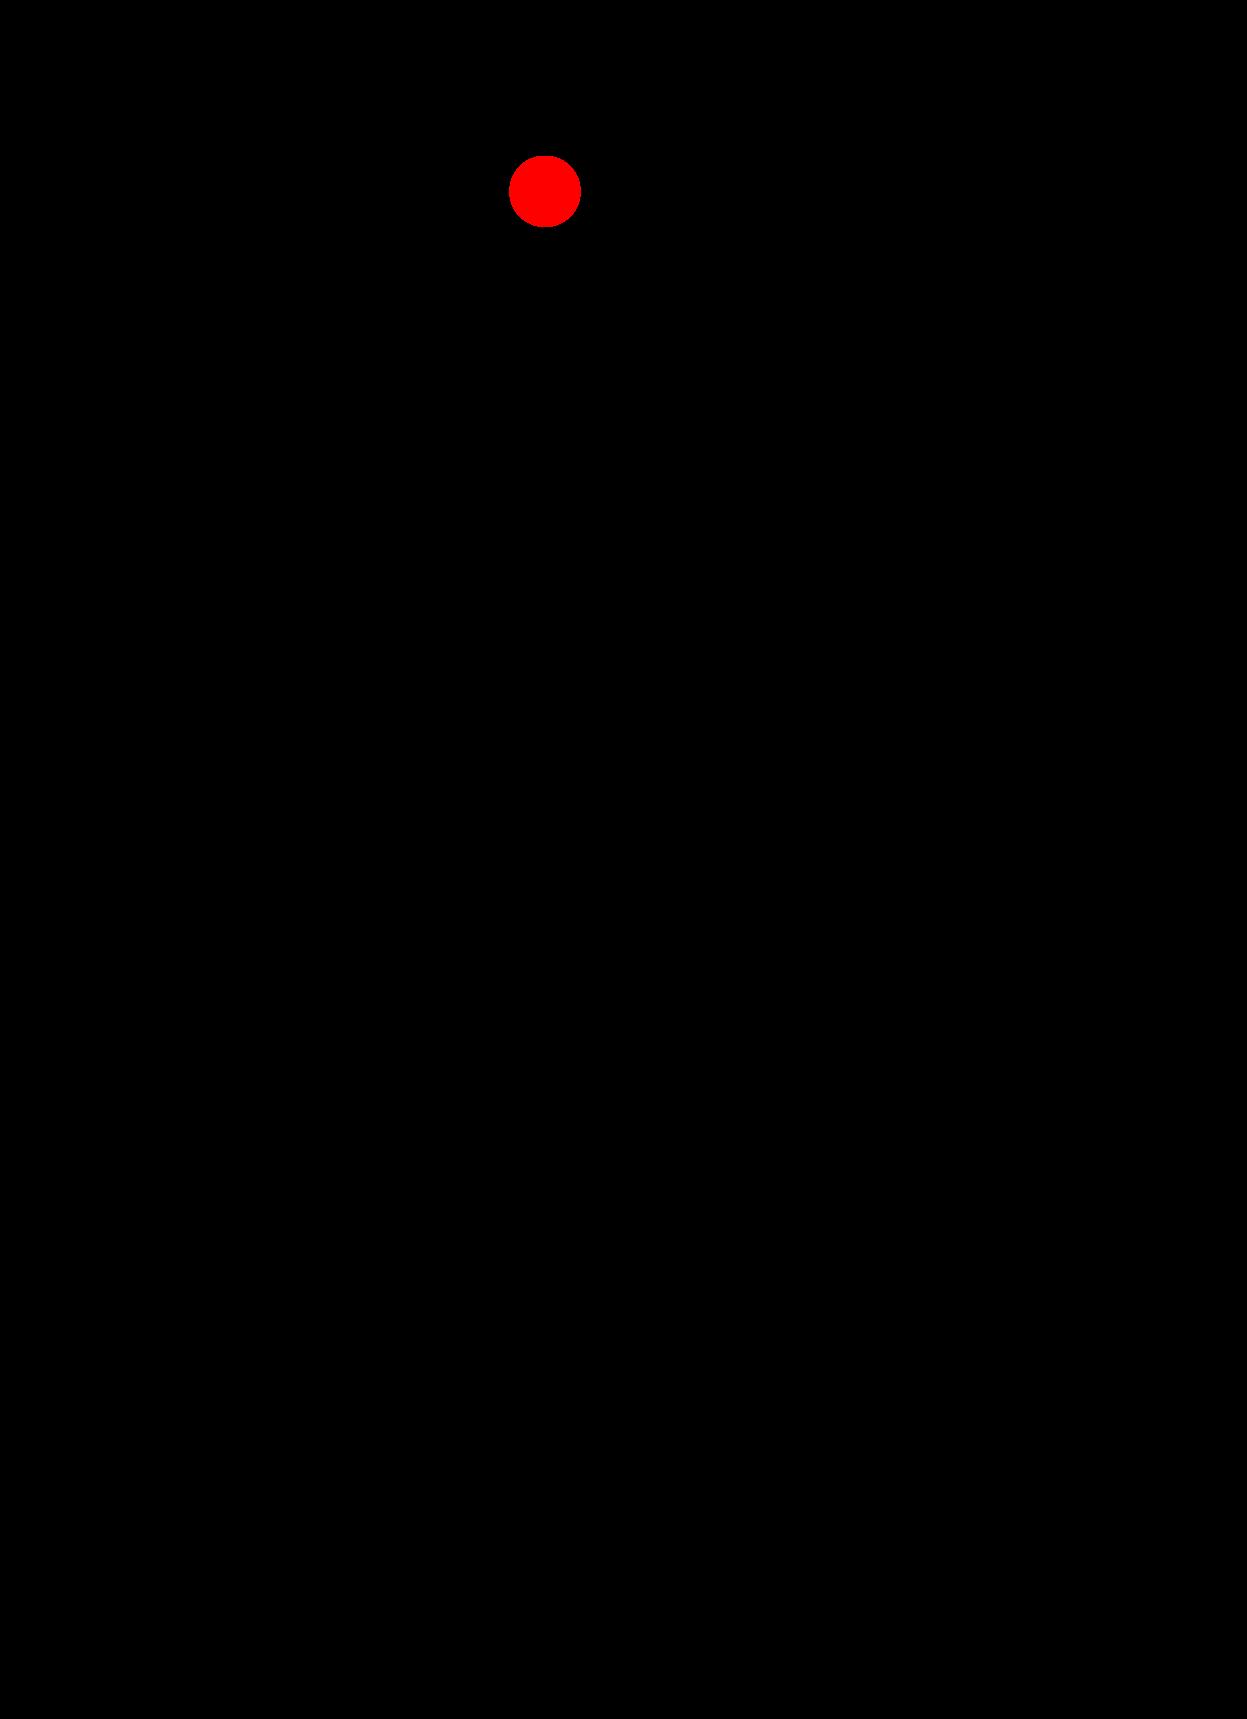 Proposition 2 : étude d'initiales pour un logtype